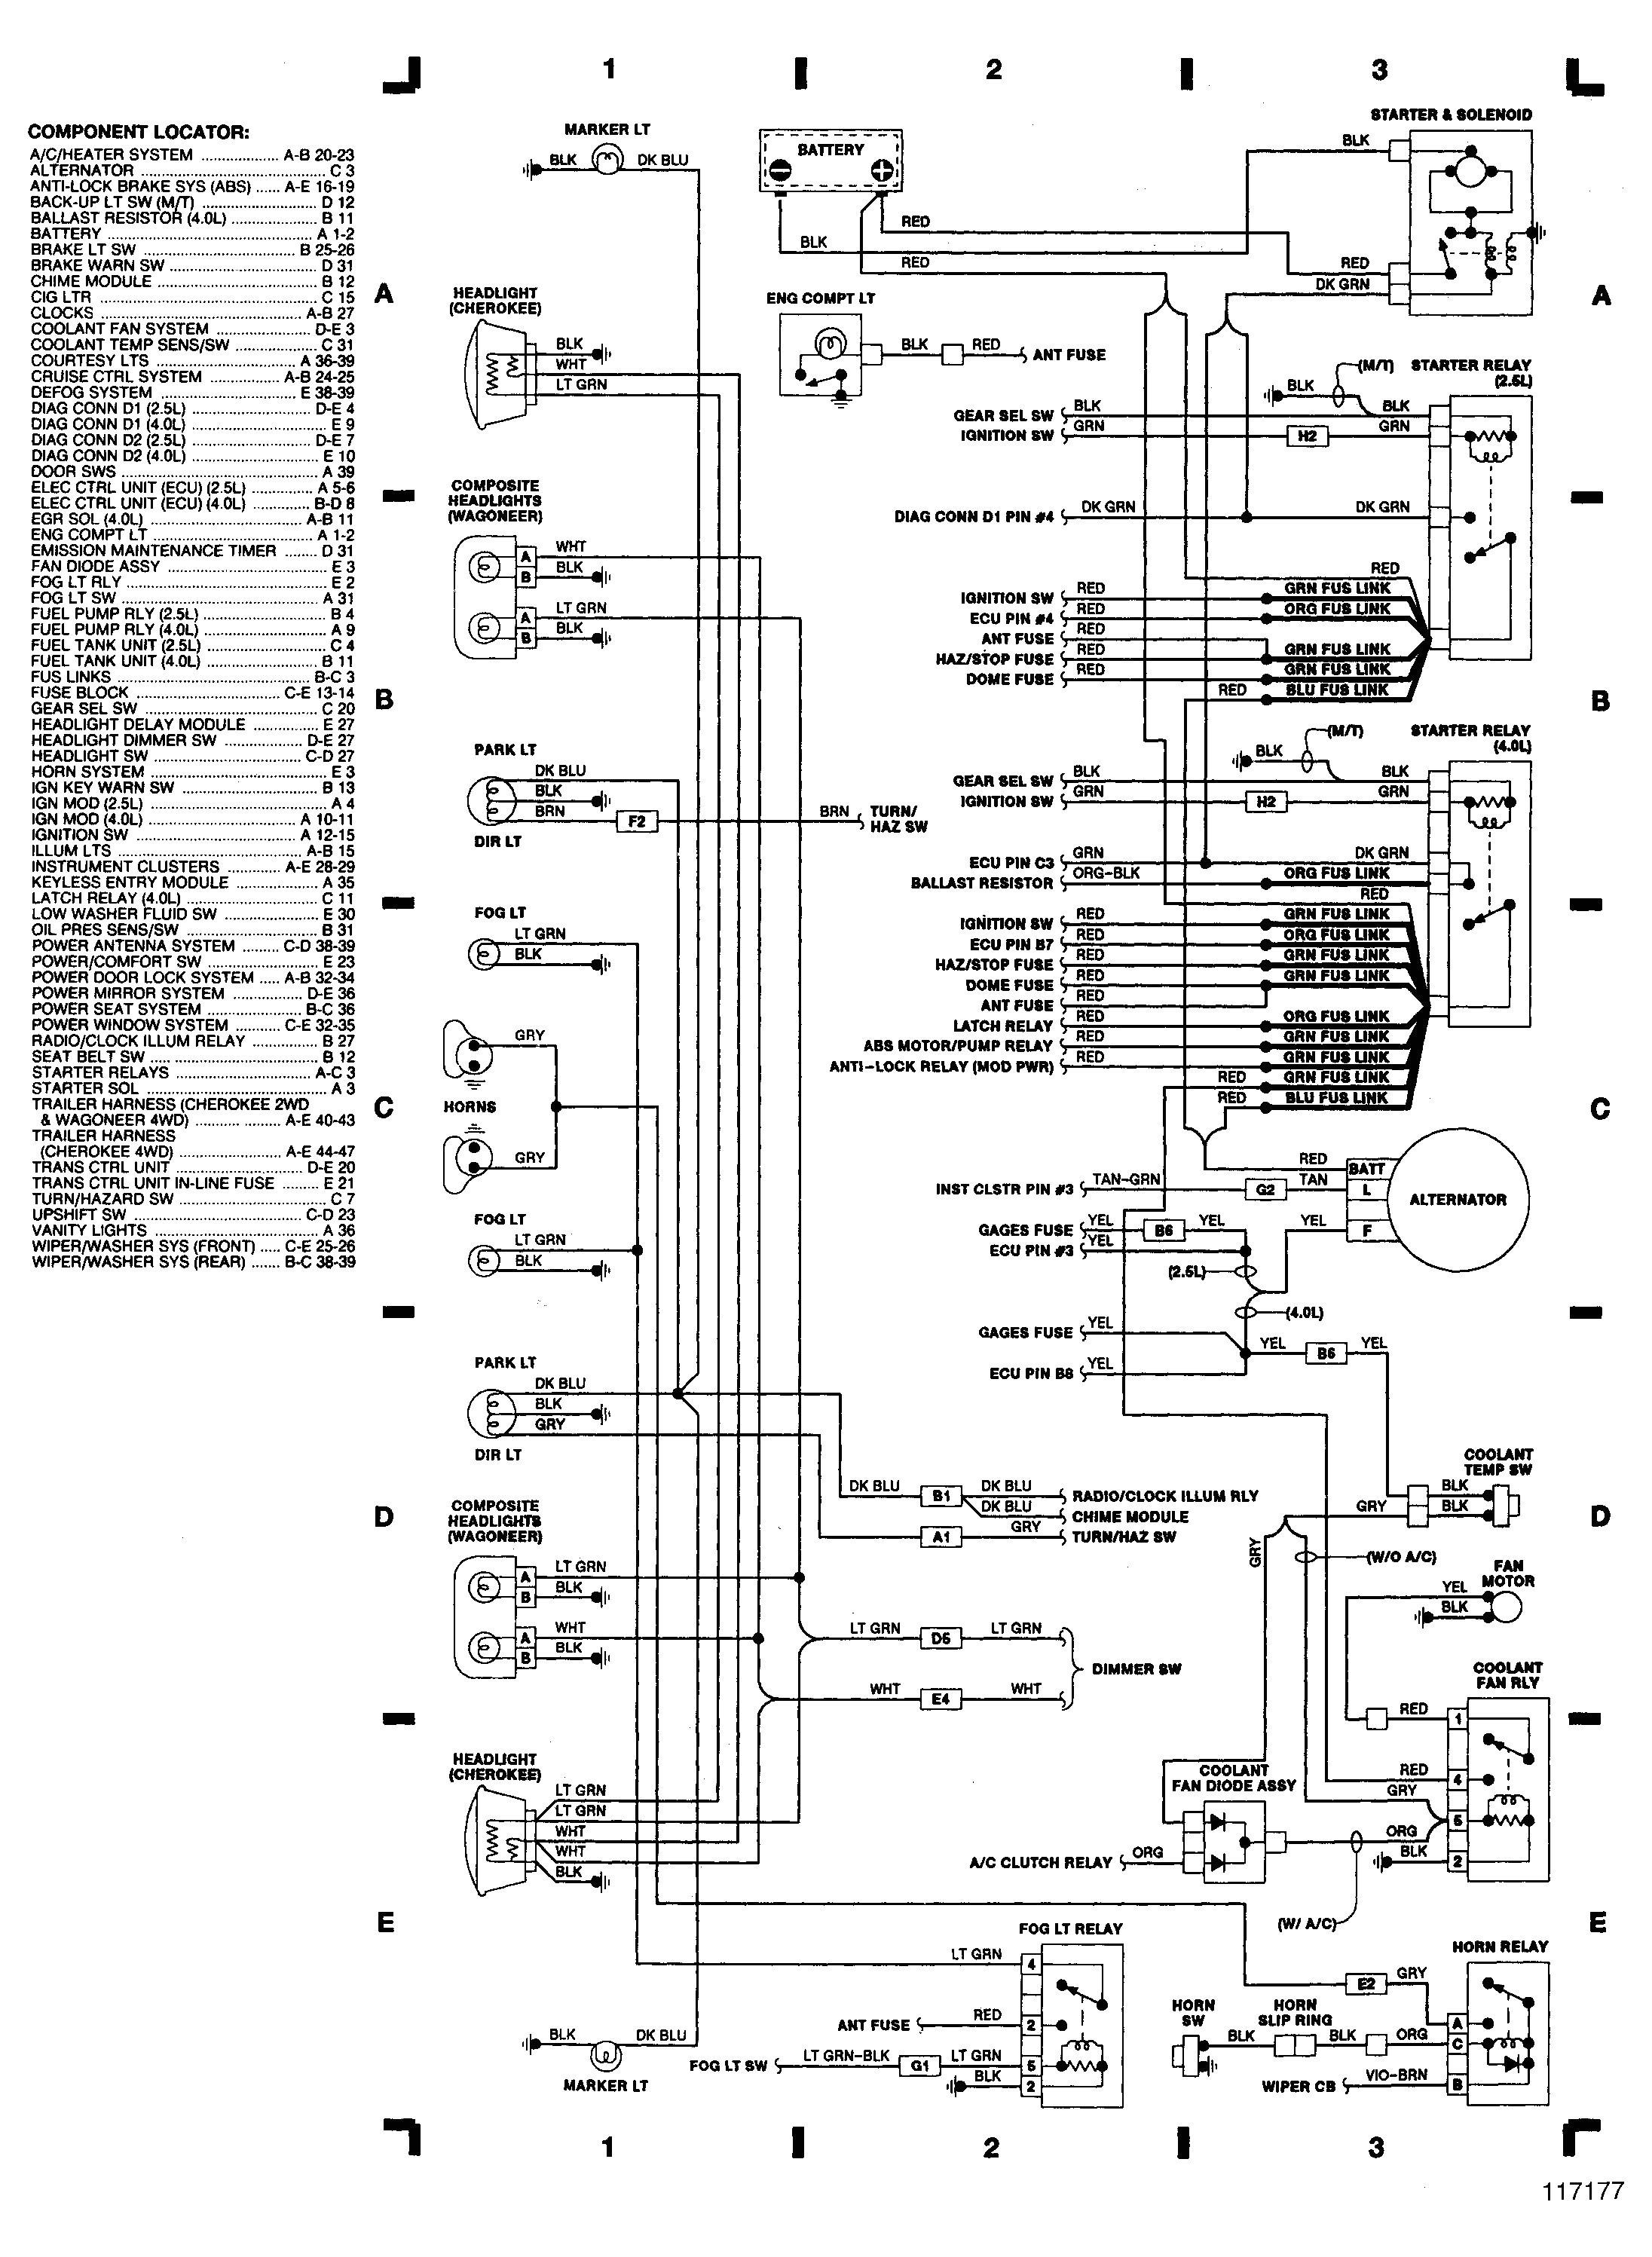 1994 Jeep Cherokee Wiring Diagram Laredo Wiring Diagram Wiring Diagram Img